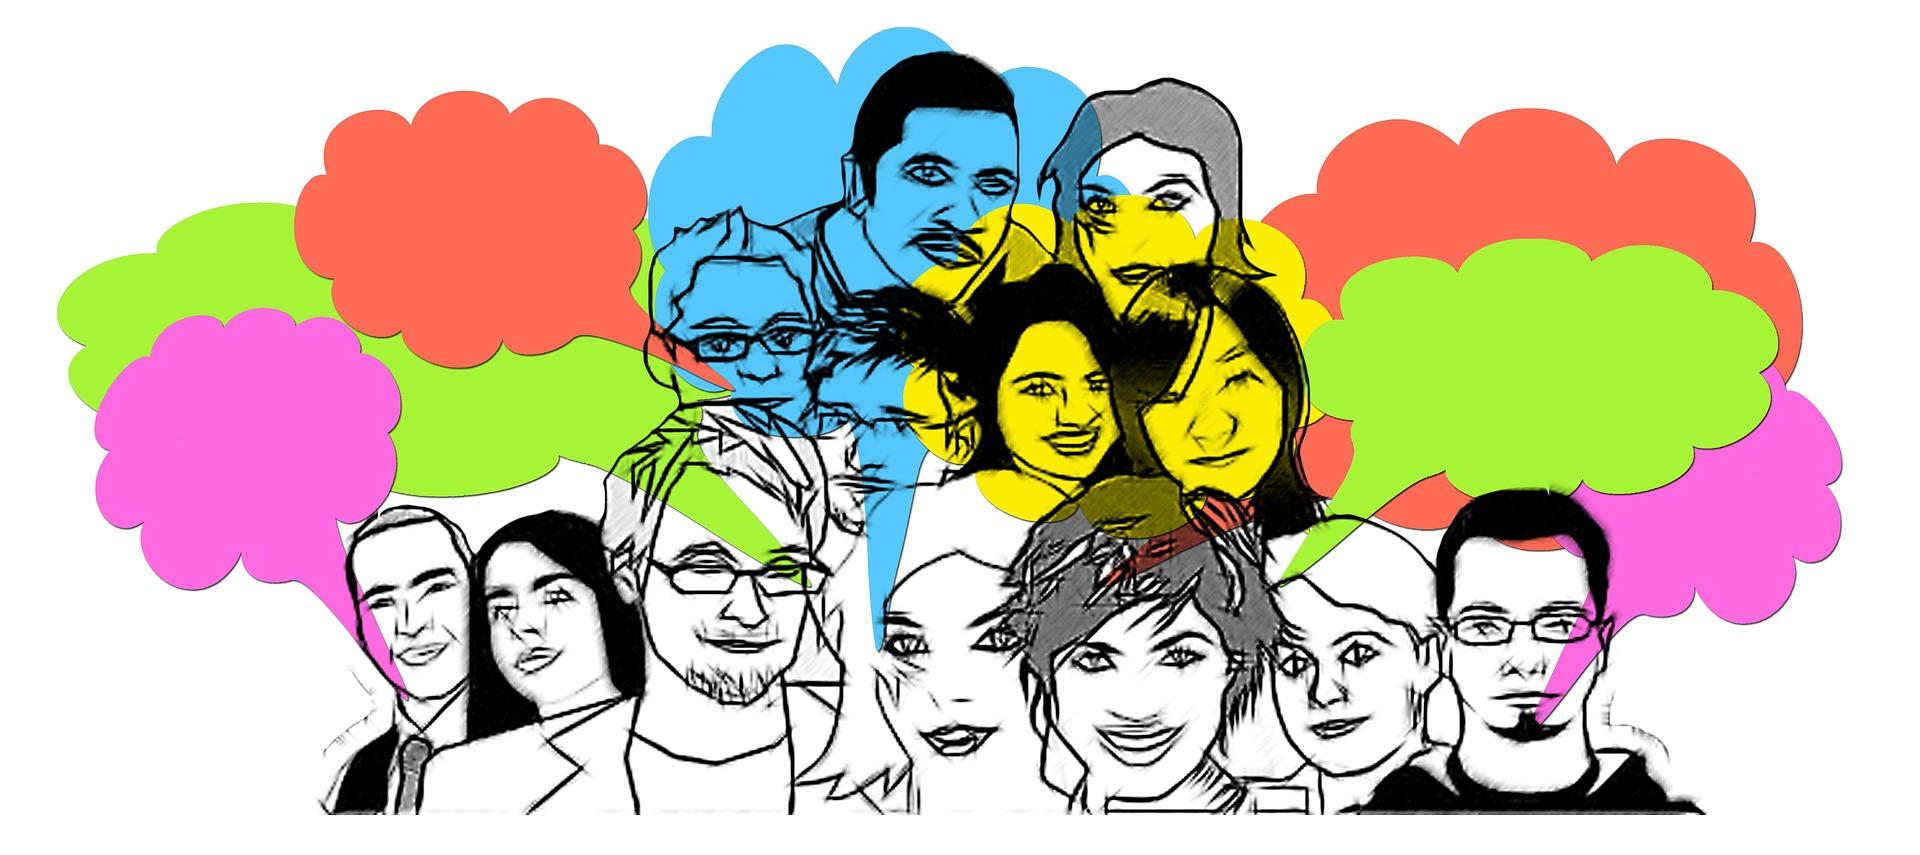 l'écosystème de Place des Liens, travailler ensemble, collboration, diversité, richesse, valeurs partagées